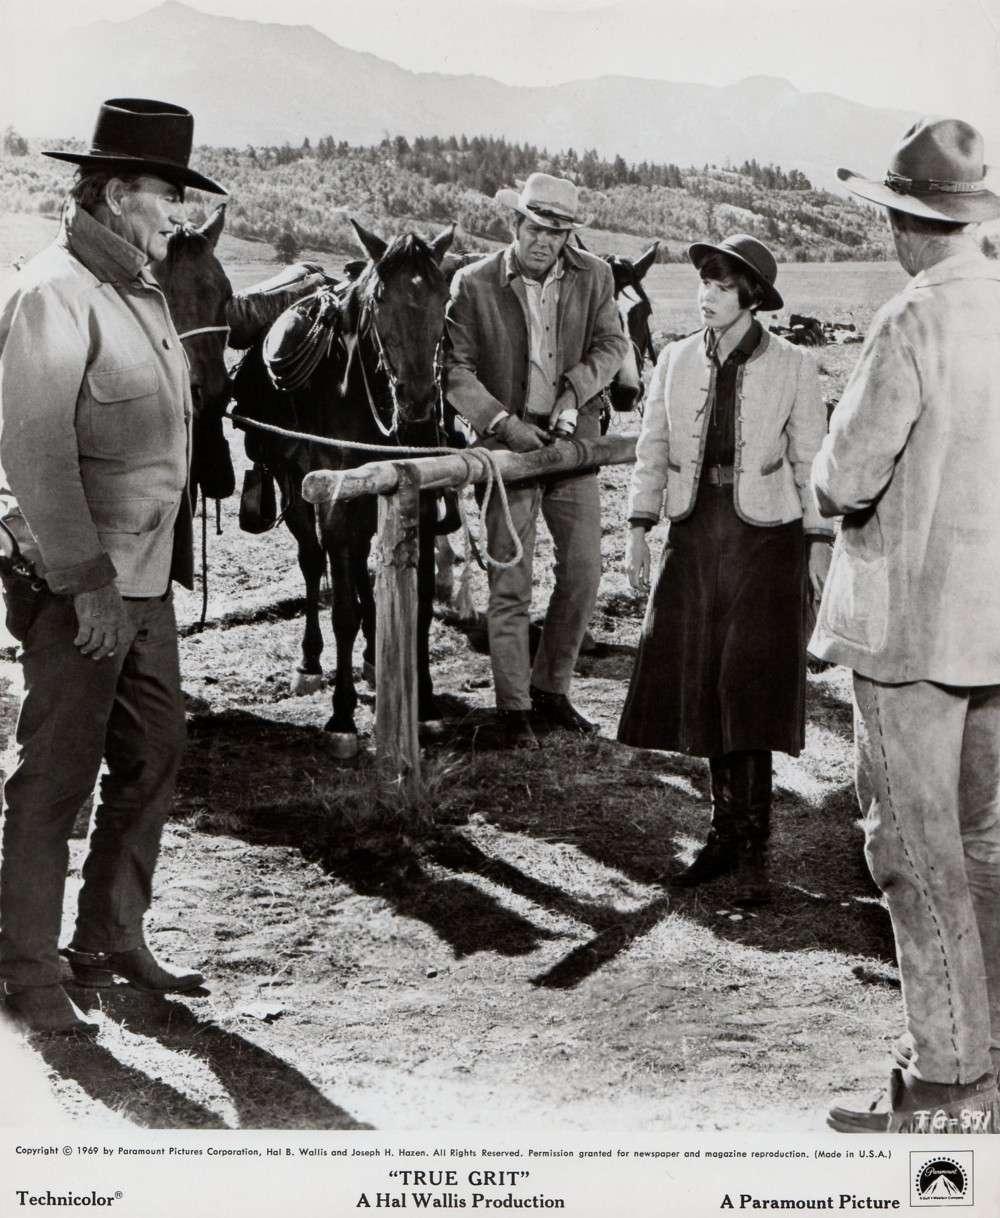 100 $ pour un shériff - True Grit-1969 - Page 2 Duke_a30